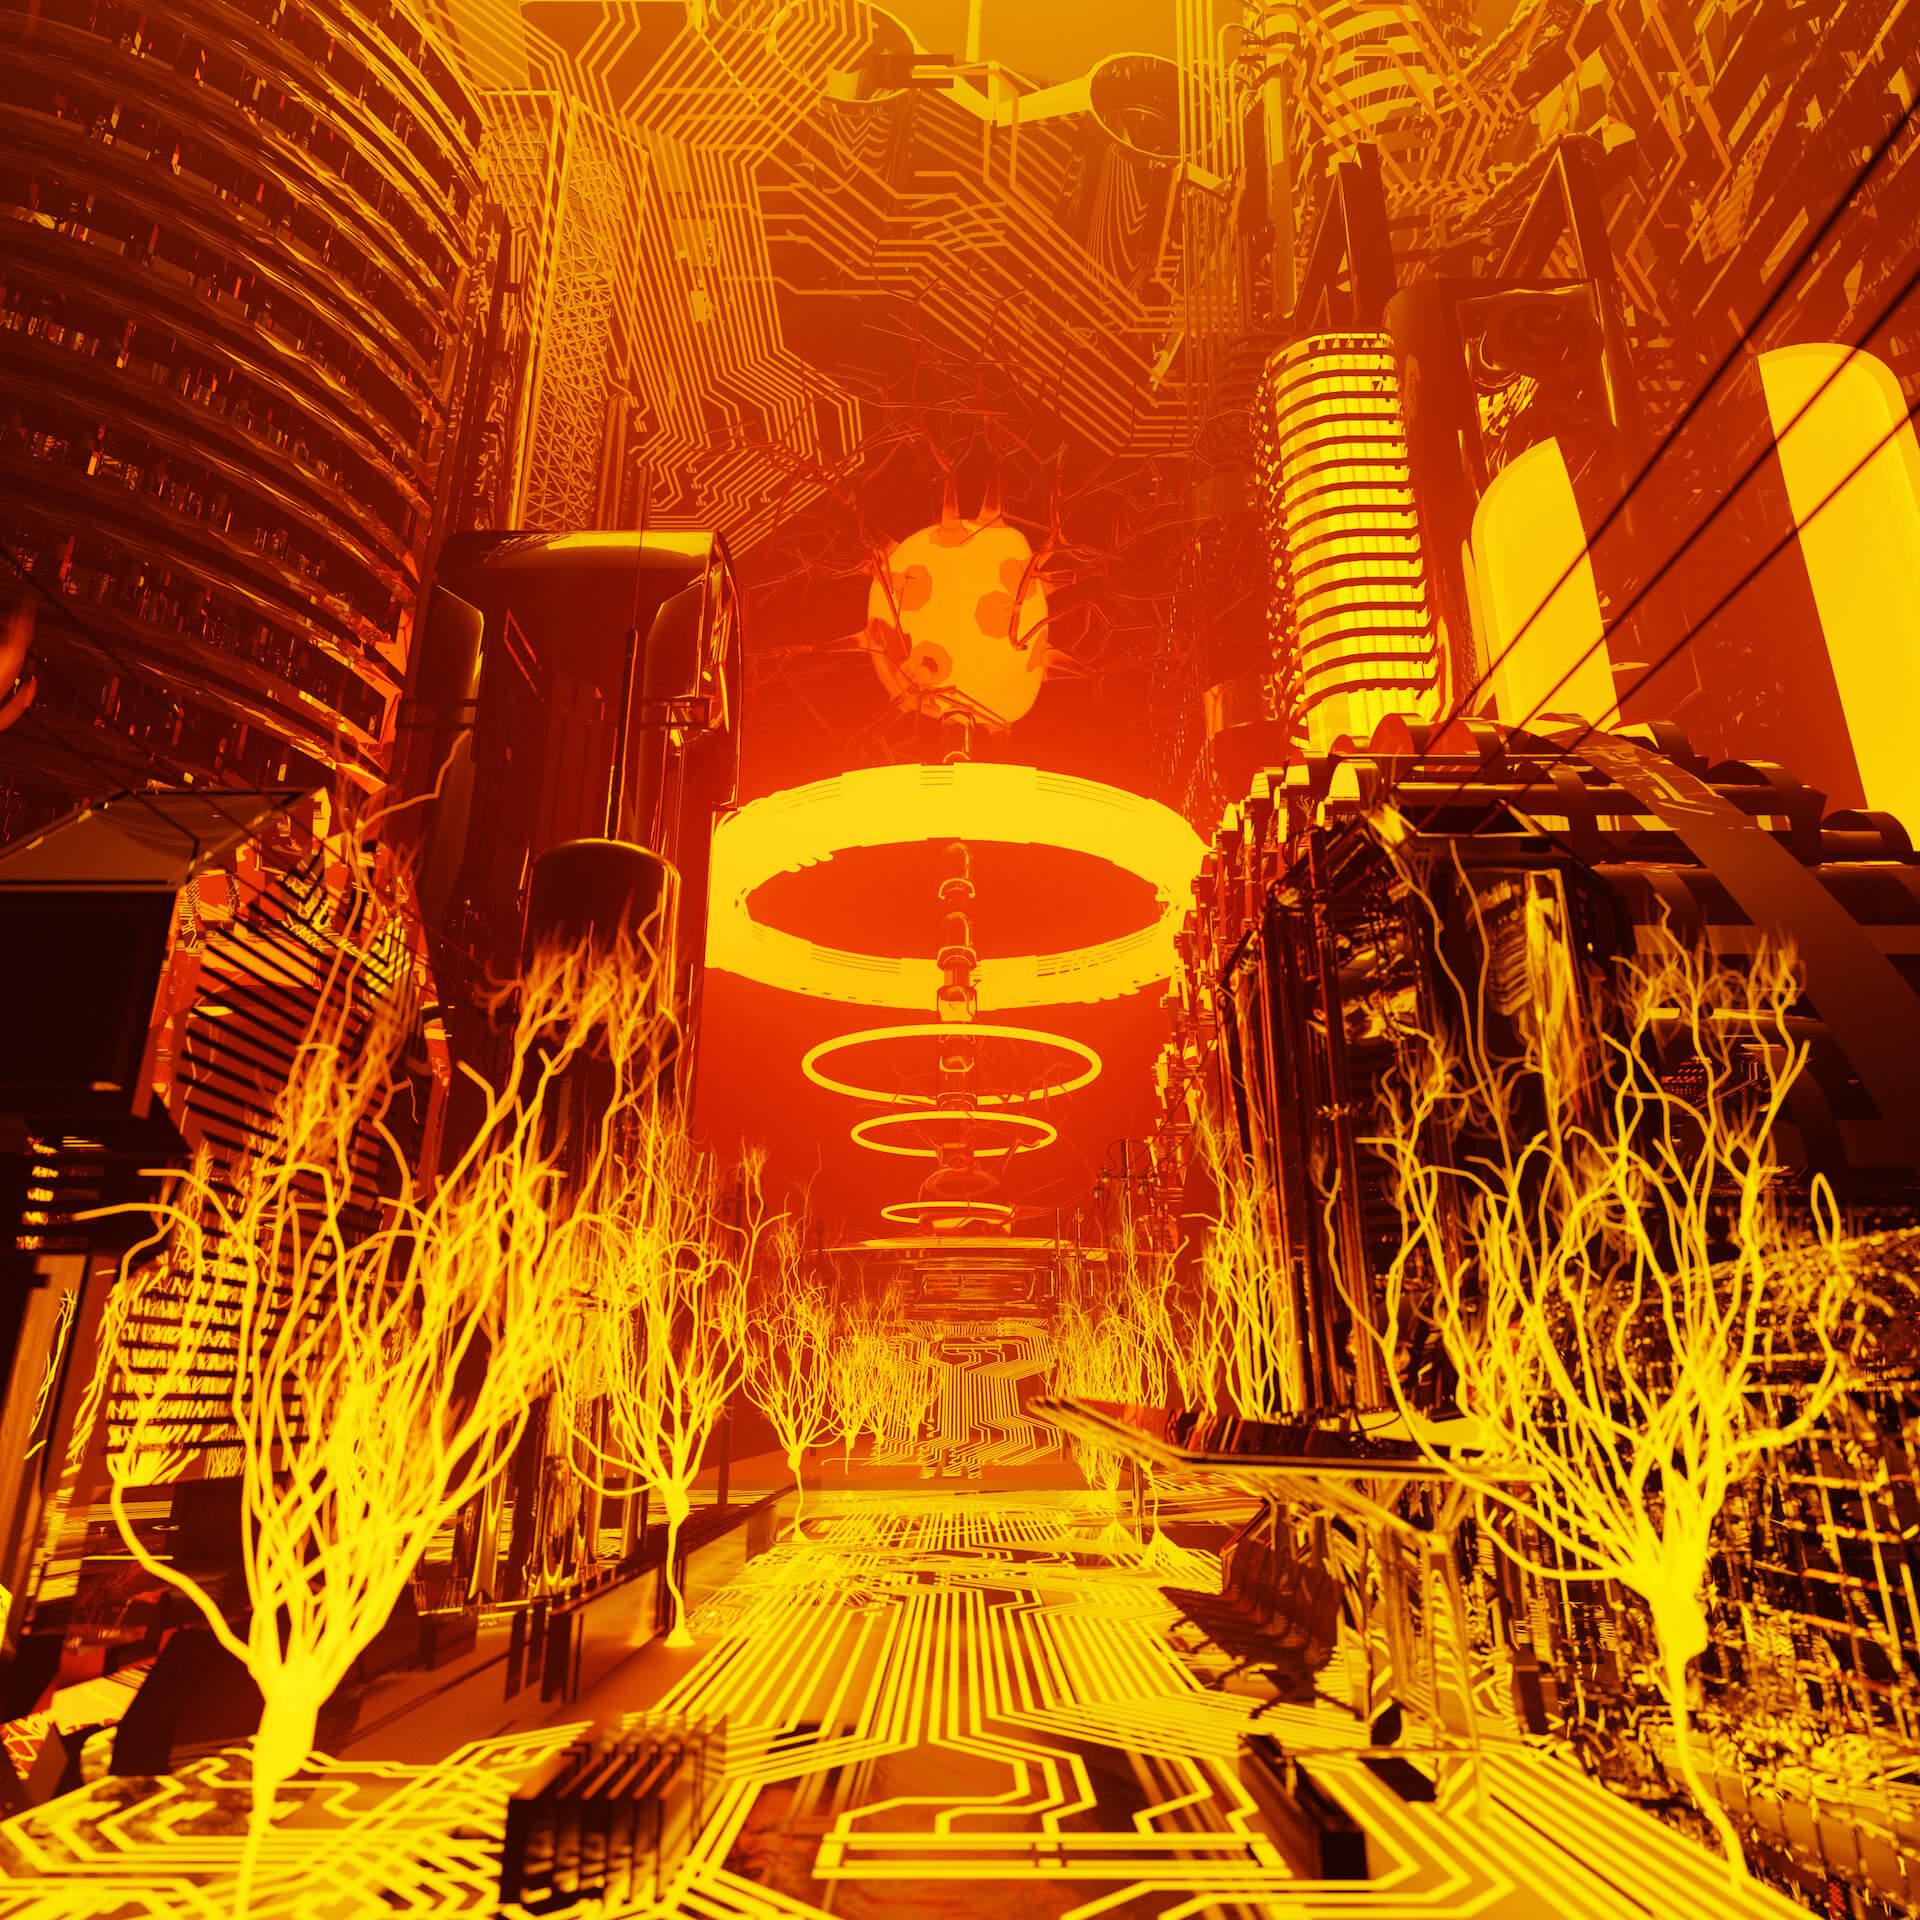 〈P-VINE〉とPRKS9によるネクストブレイカーにフォーカスしたコンピ『The Nexxxt』がデジタル限定リリース!BIGFAF、S TILL I DIEらが参加 music211014_the_nexxxt_01